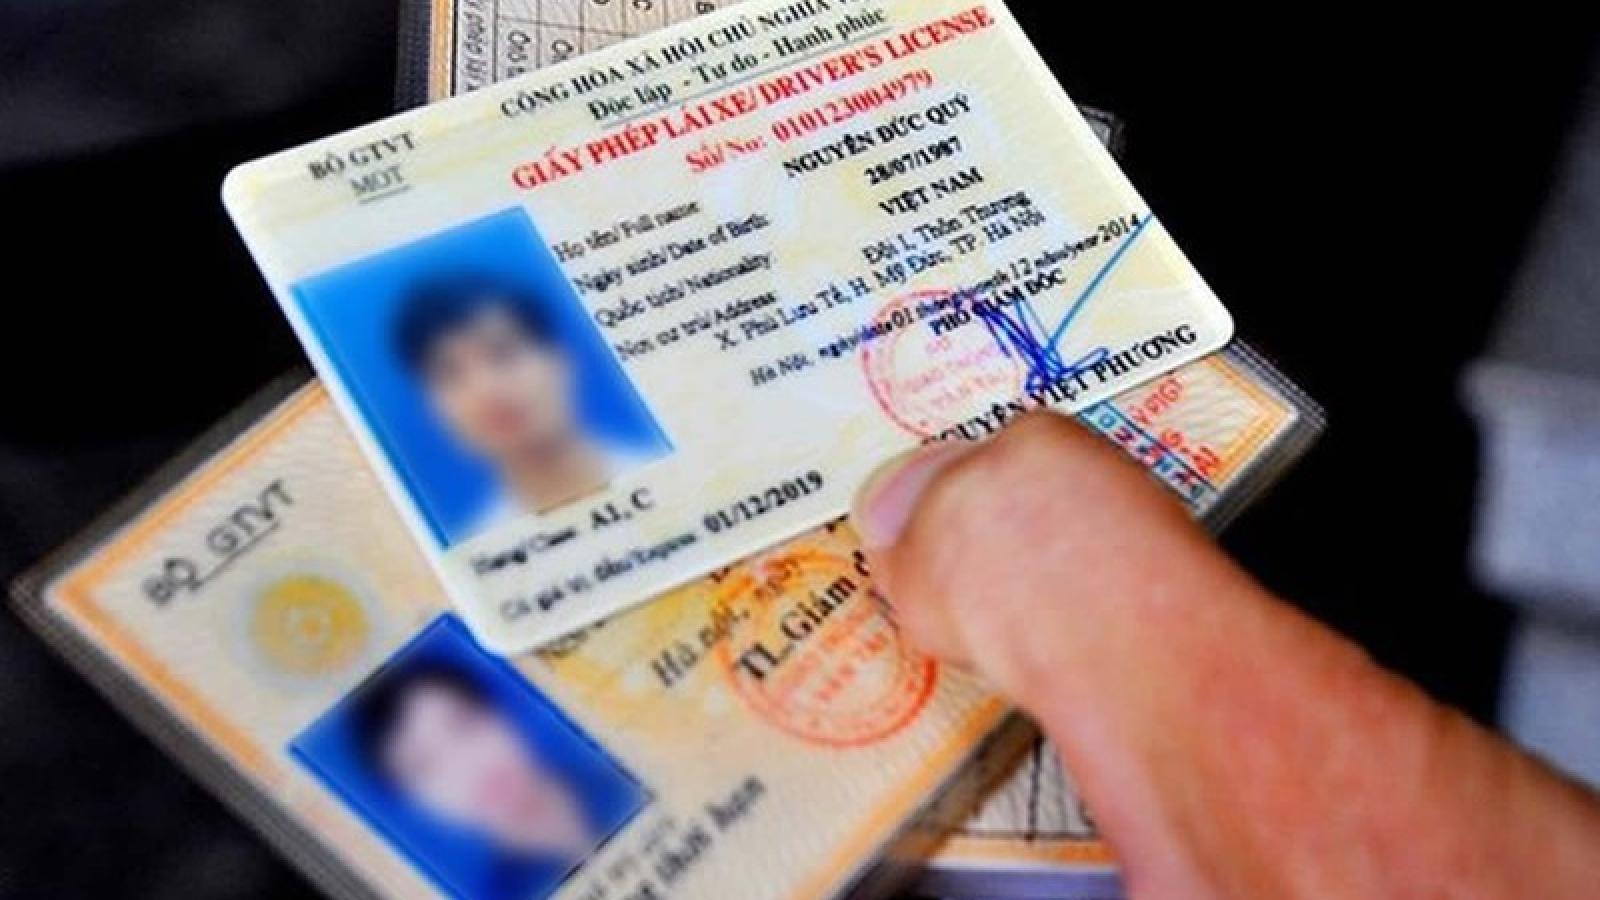 Chính phủ thống nhất ý kiến về quy định trừ điểm của giấy phép lái xe